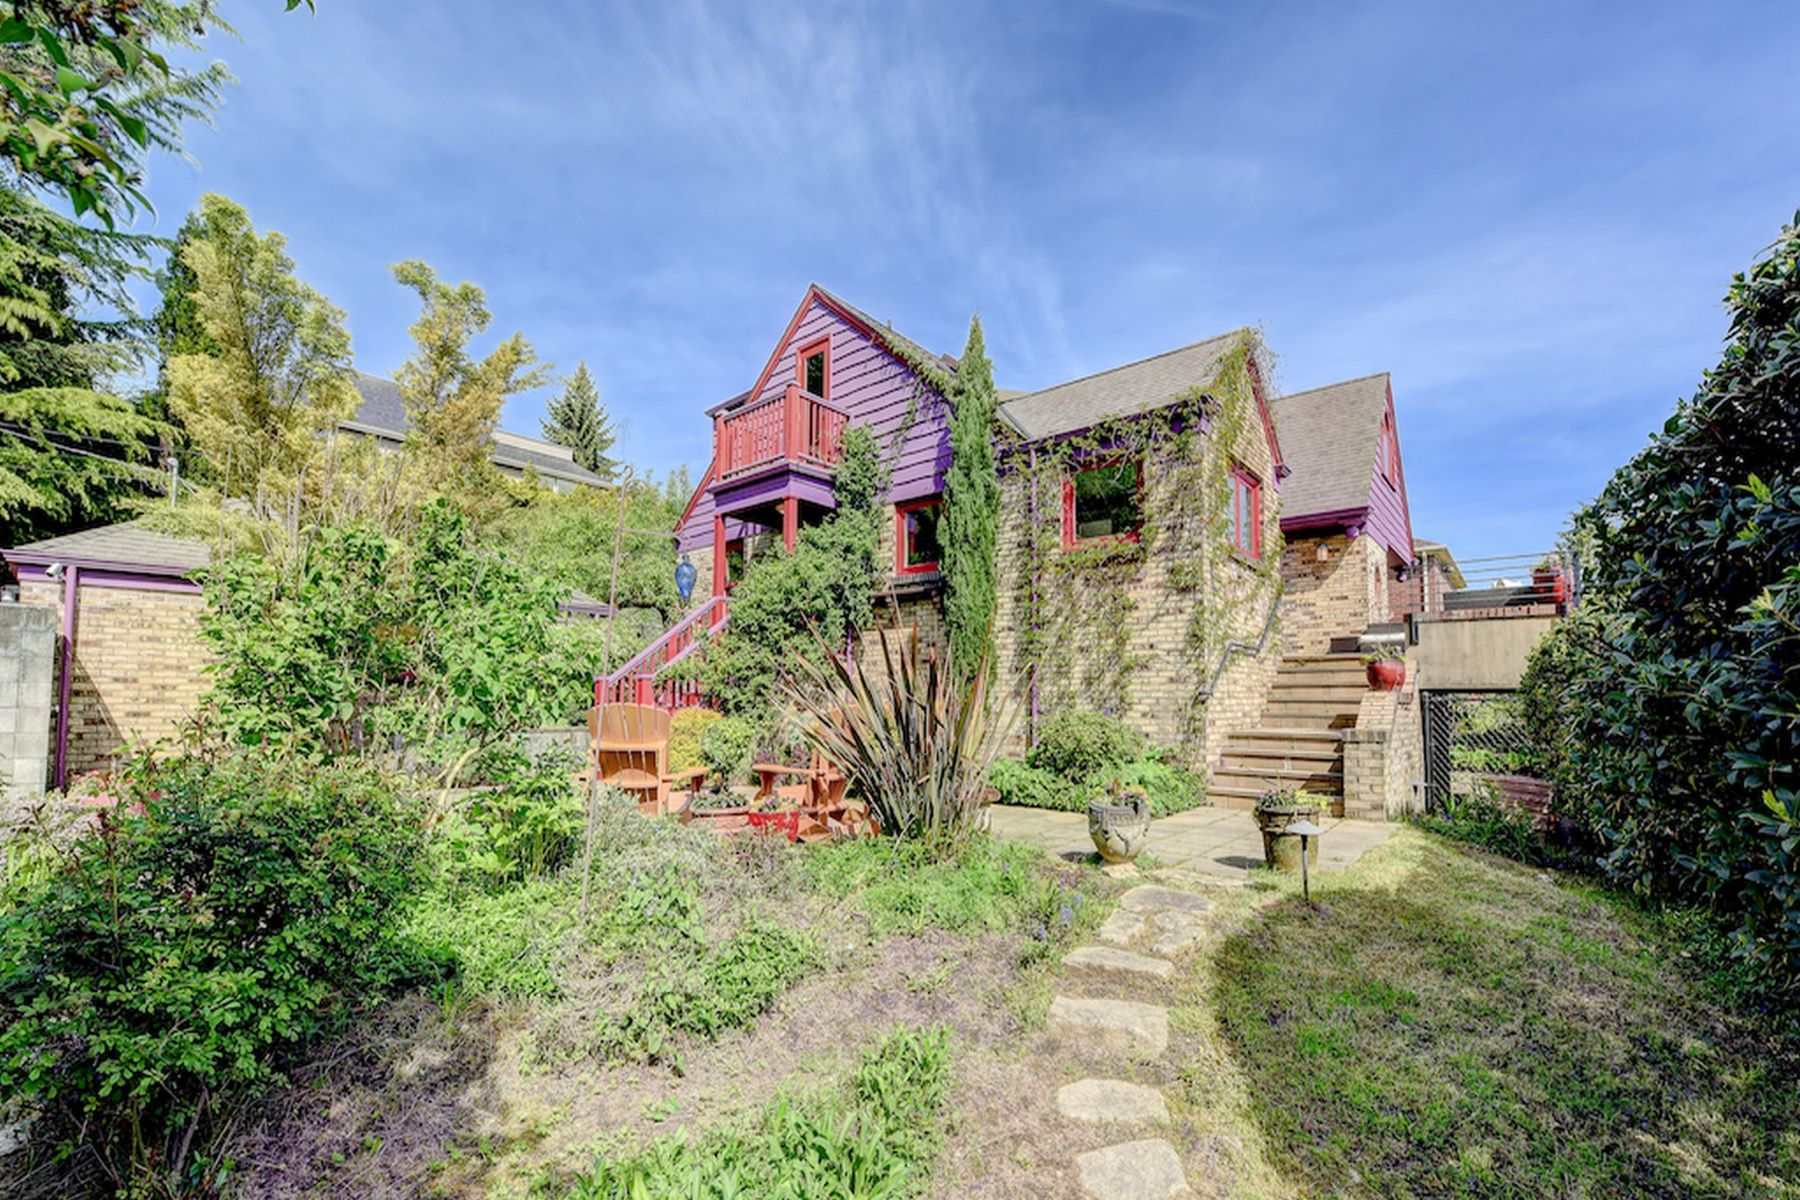 Частный односемейный дом для того Продажа на Renovated Woodland Park Craftsman 5907 Linden Ave N Seattle, Вашингтон, 98103 Соединенные Штаты